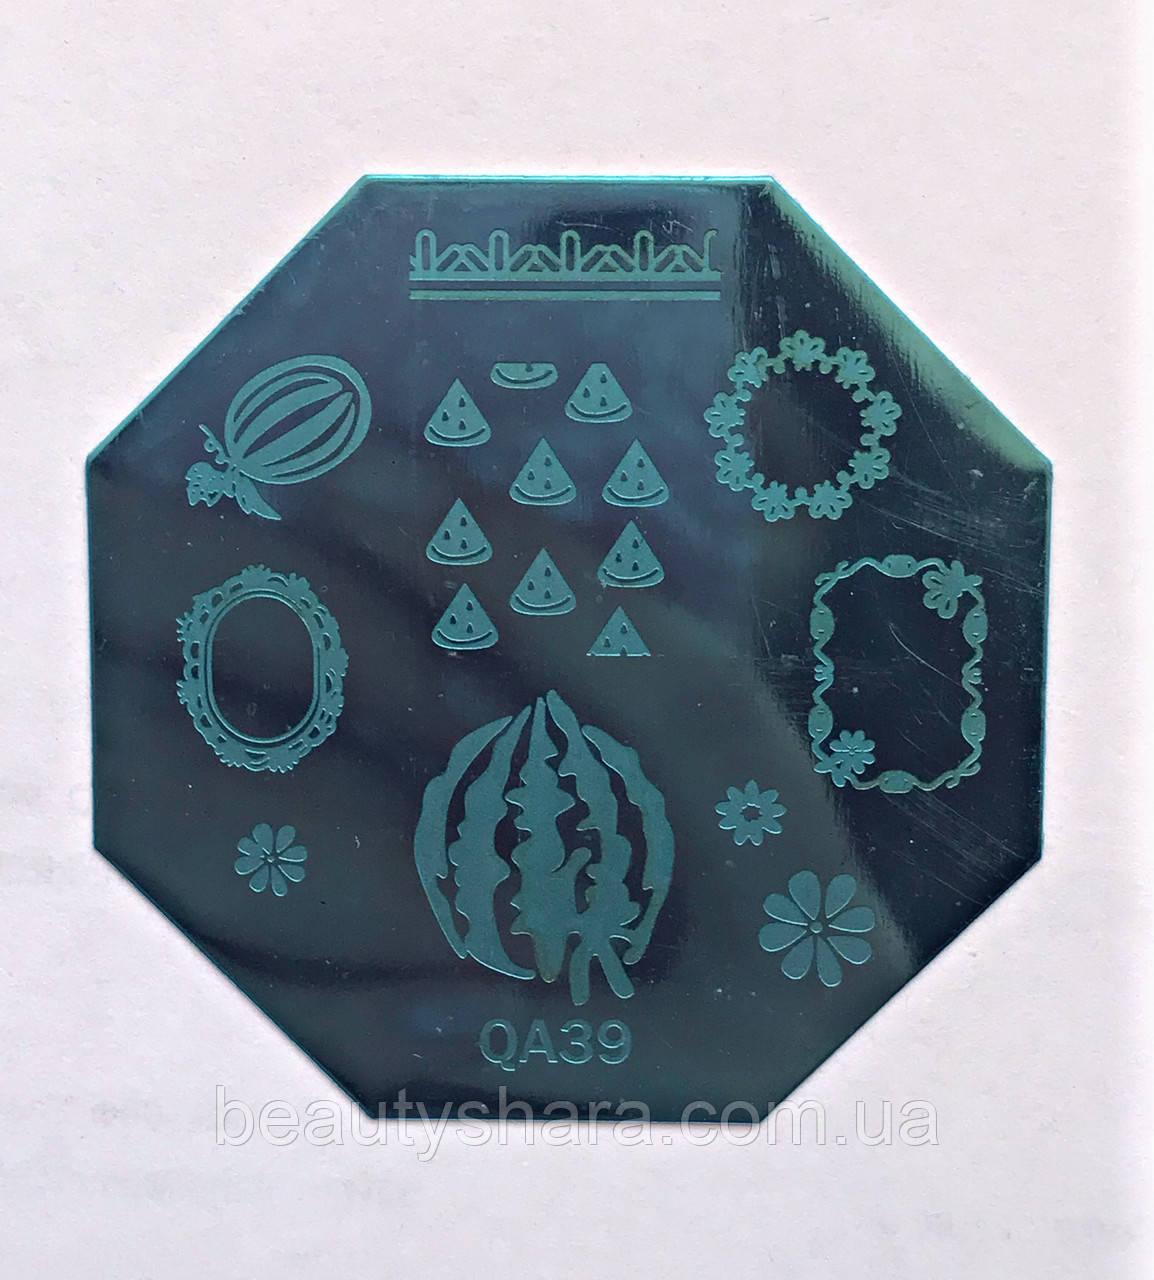 Пластина для стемпинга (металлическая) QA39